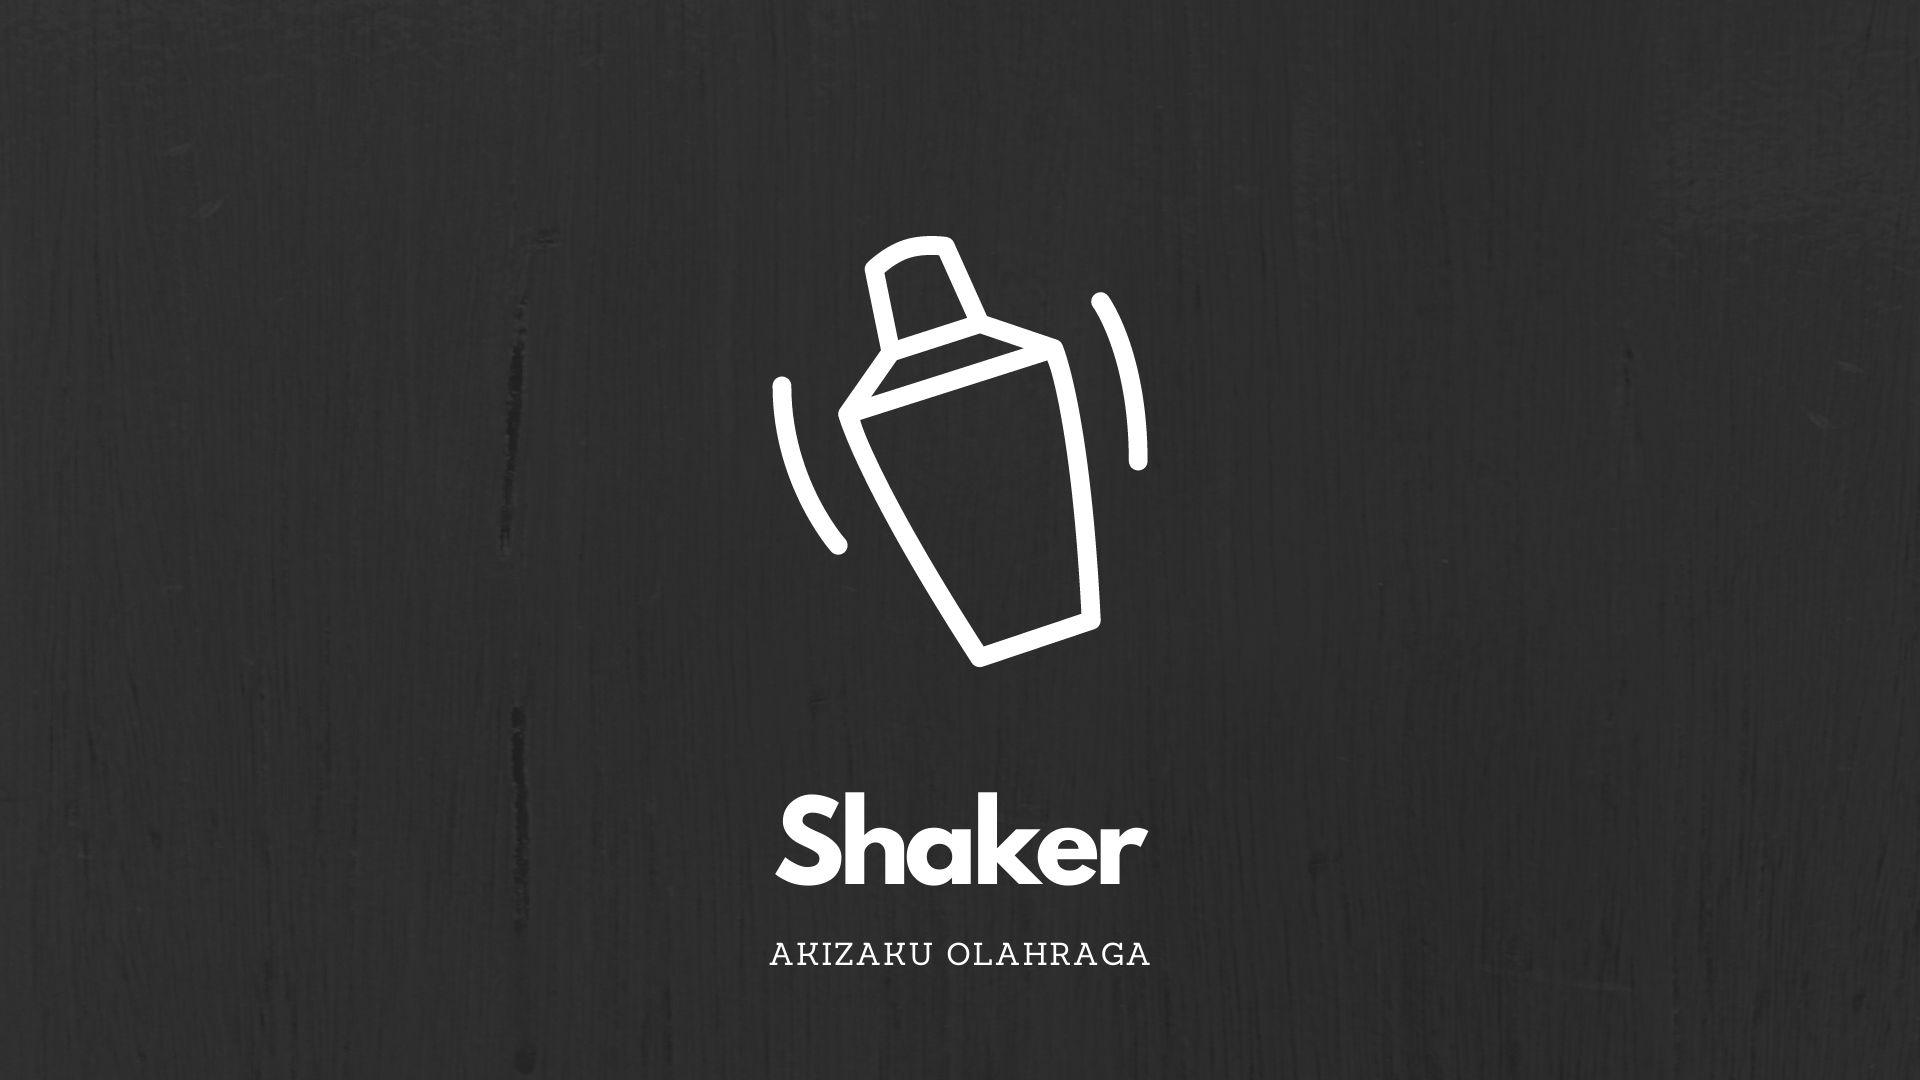 [Image: Shaker.jpg]